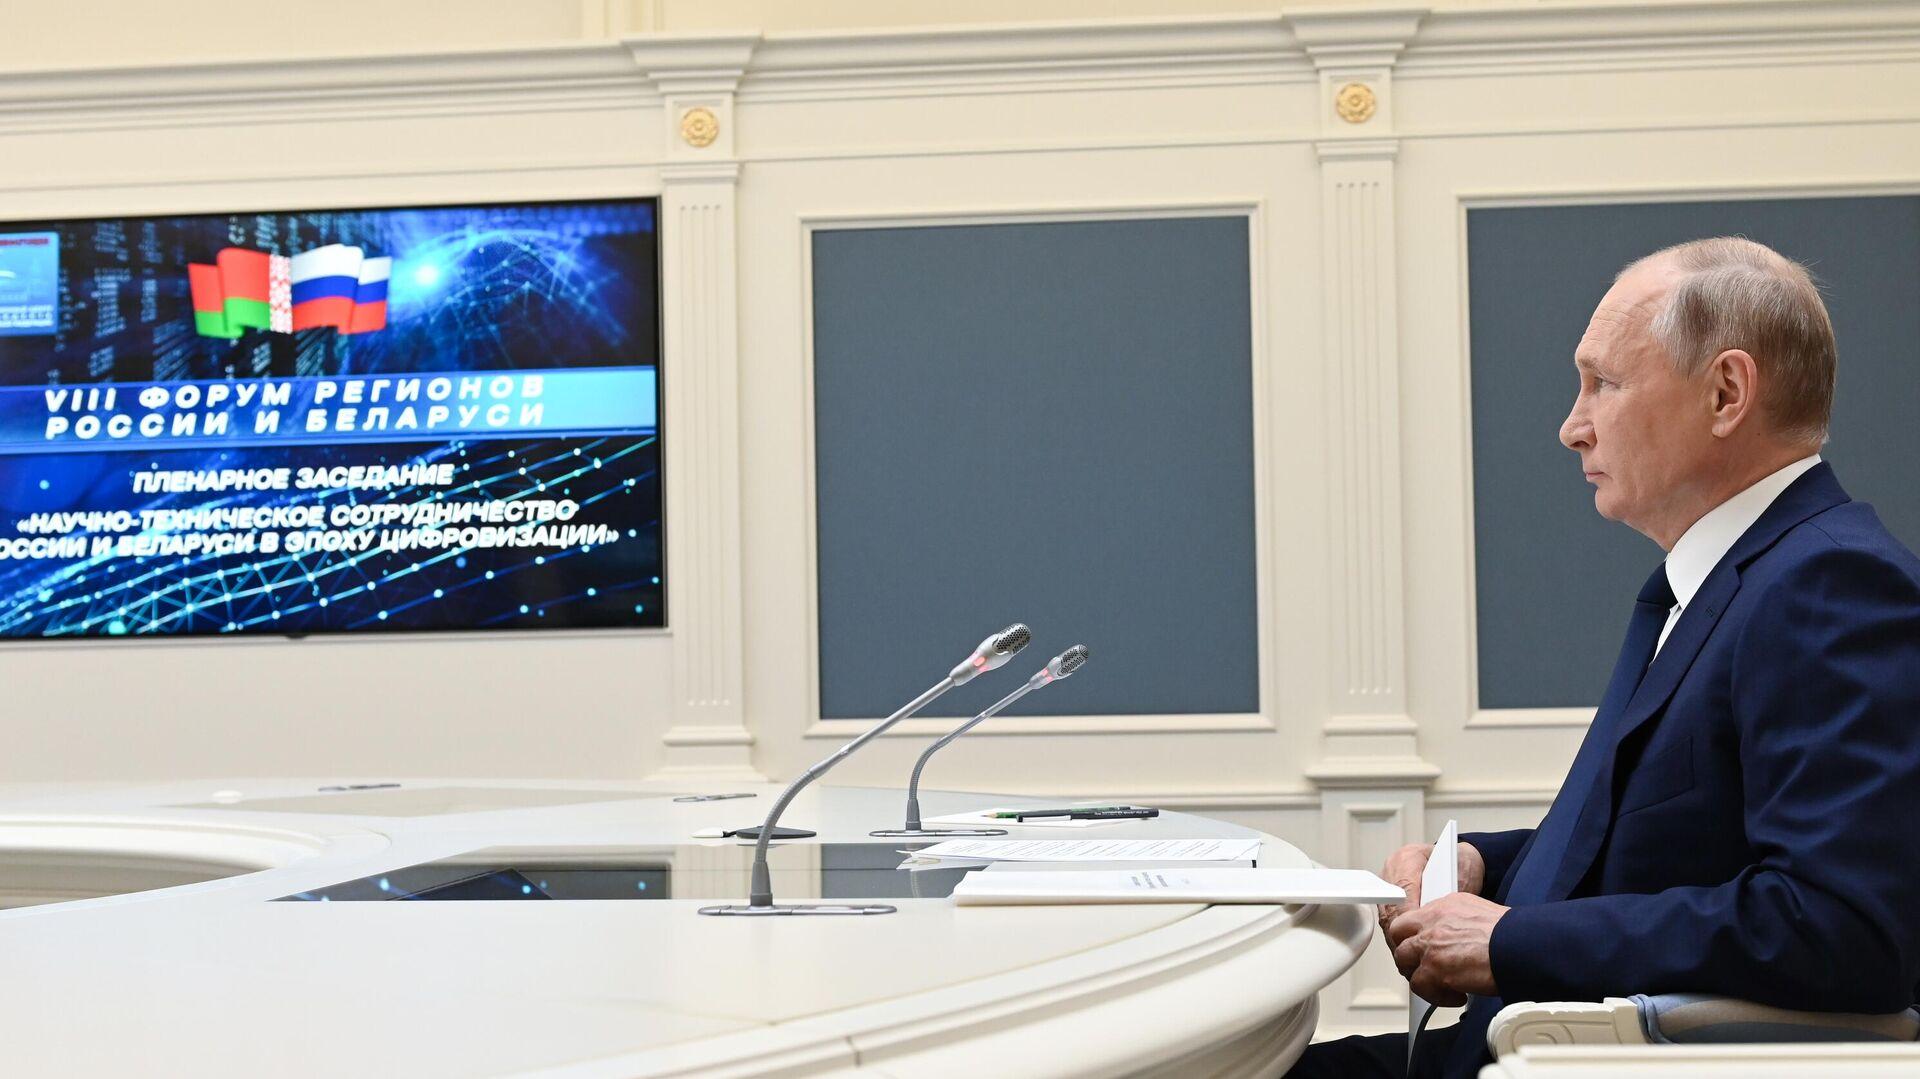 Президент России Владимир Путин принимает участие в заседании 8-го Форума регионов Белоруссии и России - РИА Новости, 1920, 01.07.2021